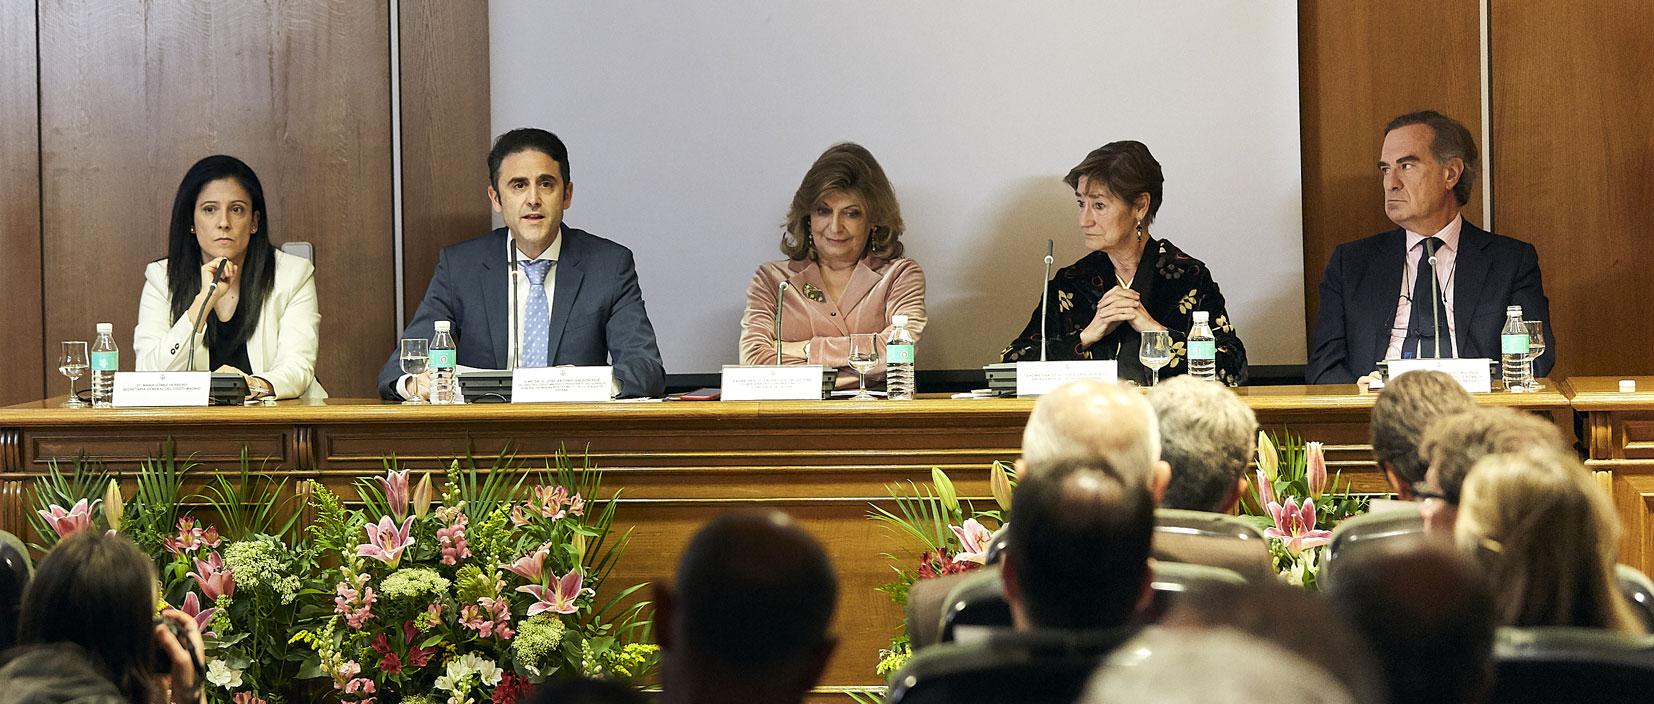 Acto Institucional de Toma de Posesión de la Junta de Gobierno del COGITIM